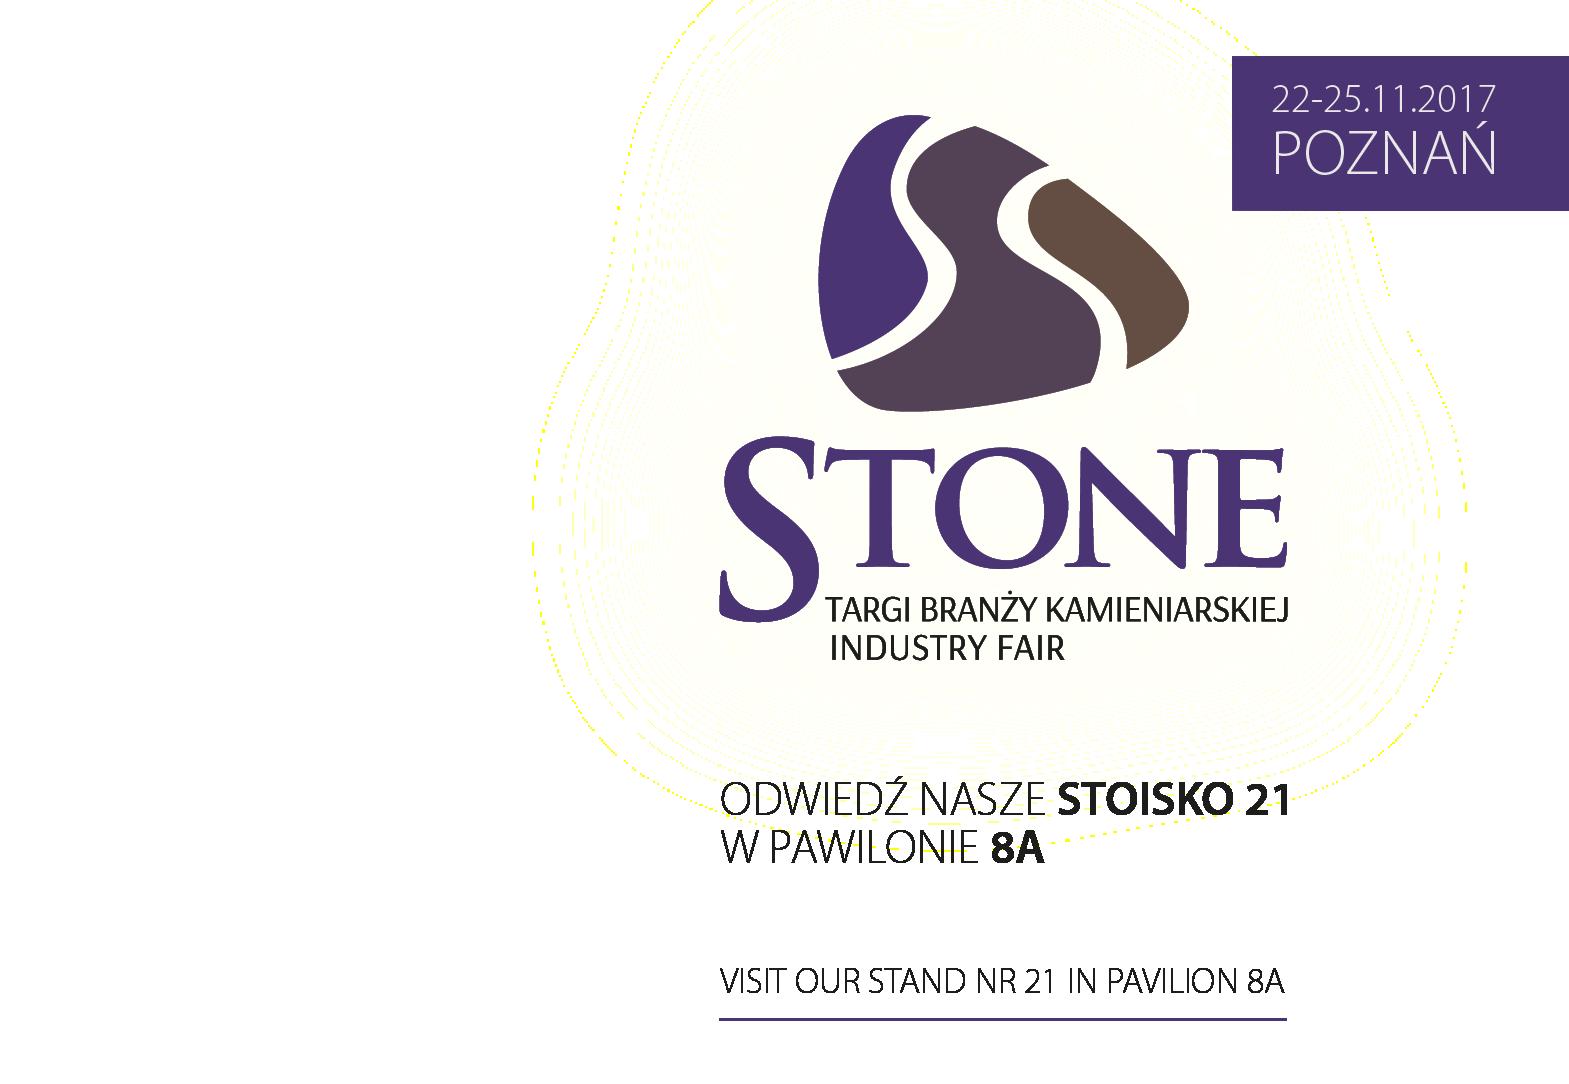 STONE 2017